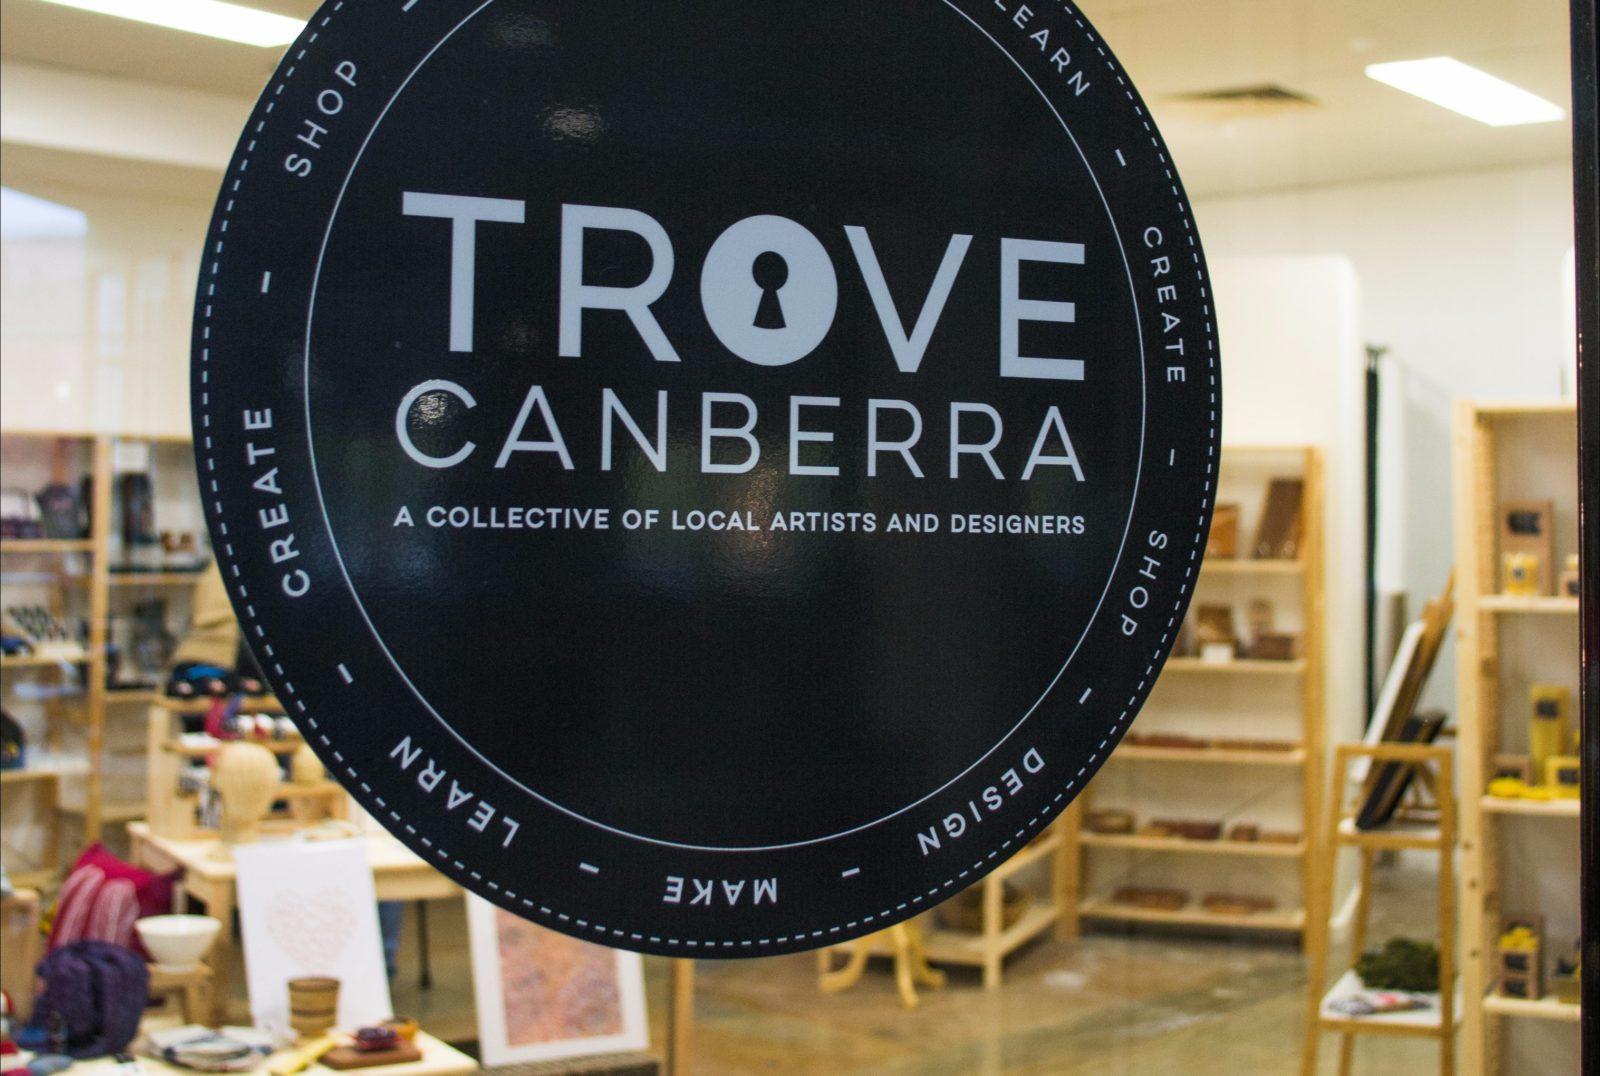 Trove shopfront